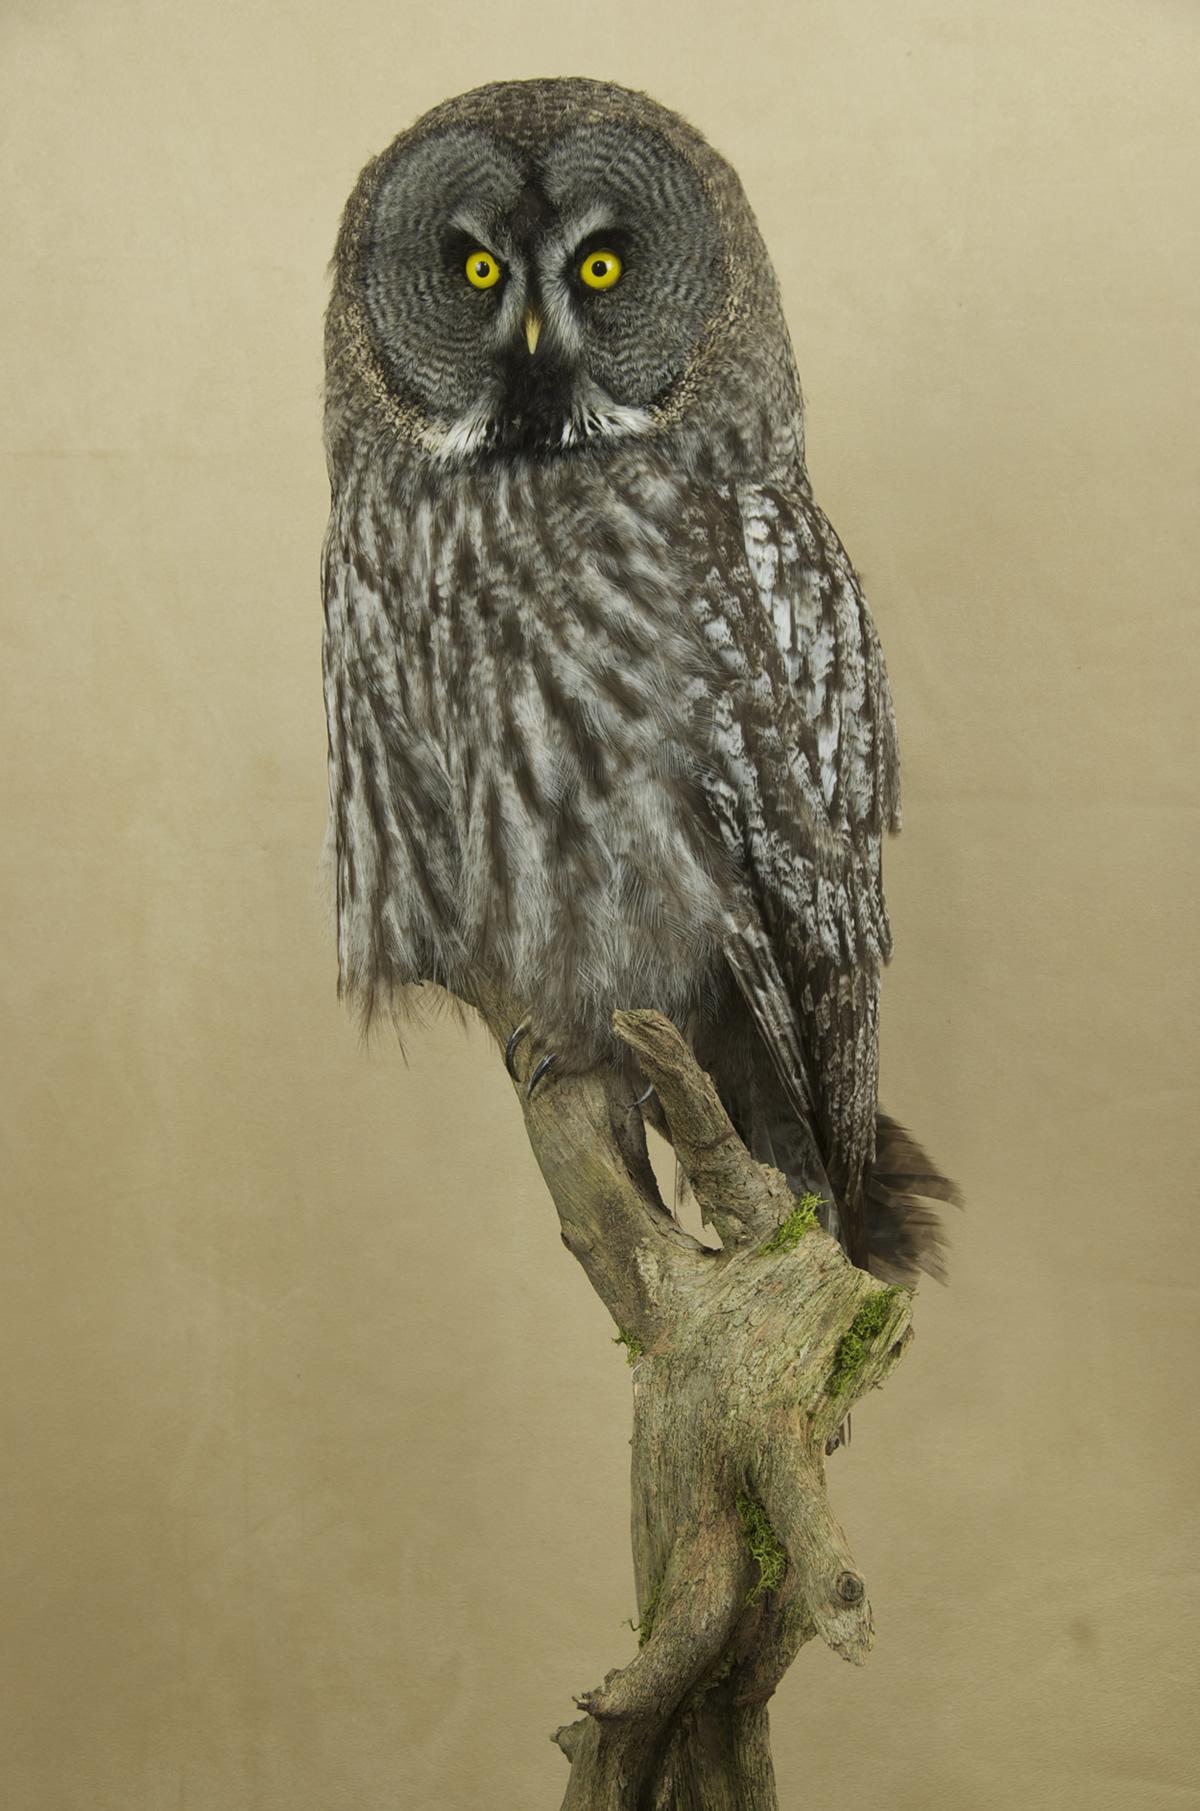 Taxidermy Great Grey Owl - Strix nebulosa 1/4 turn